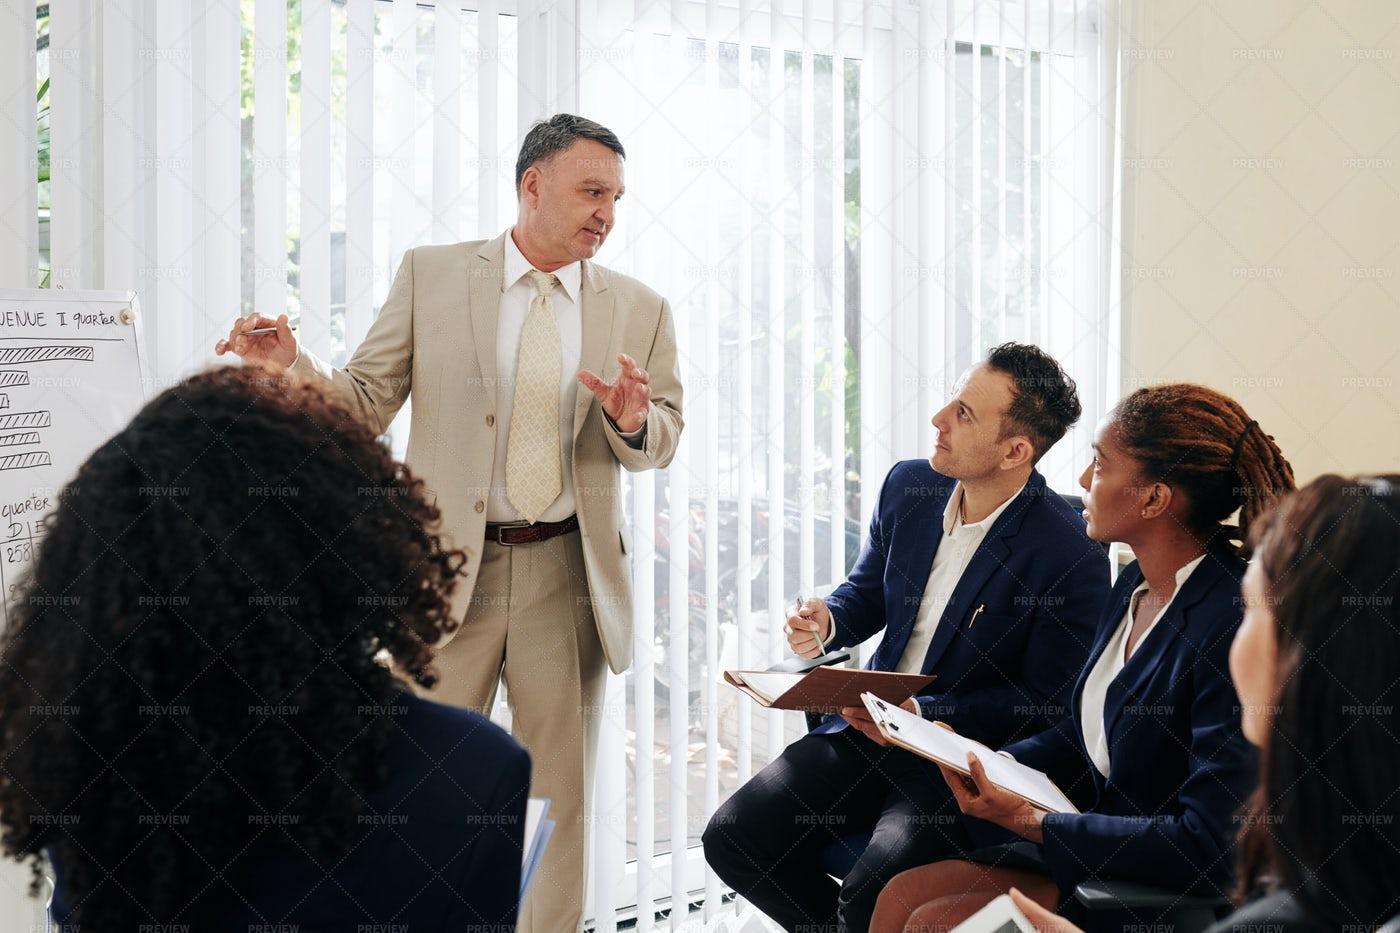 Entrerpreneur Talking To Colleagues: Stock Photos